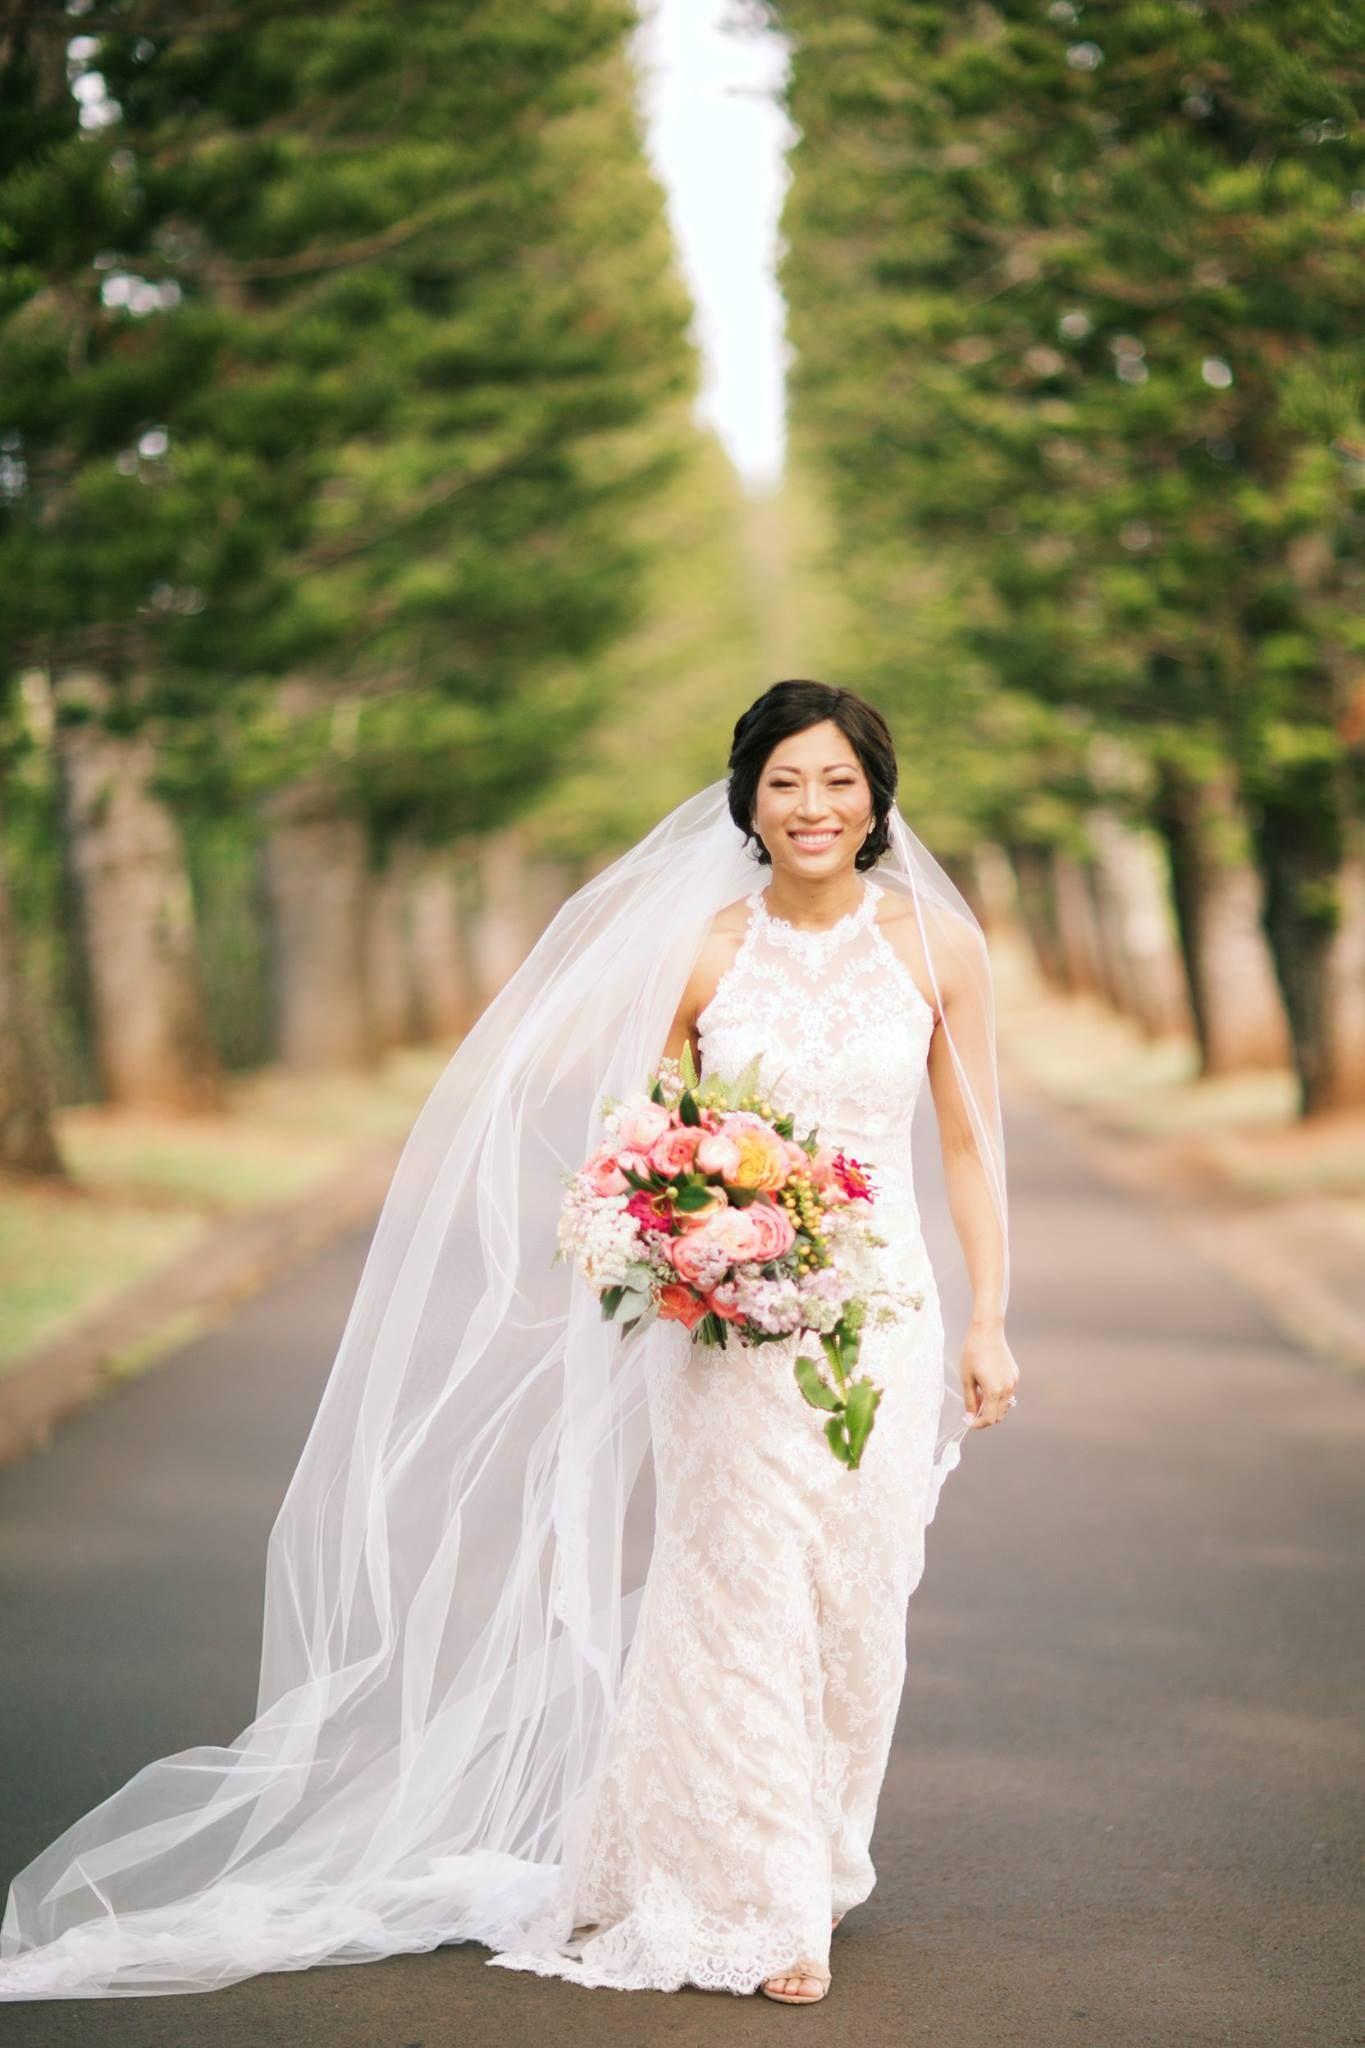 Lace wedding dress long veil colorful bridal bouquet anna kim